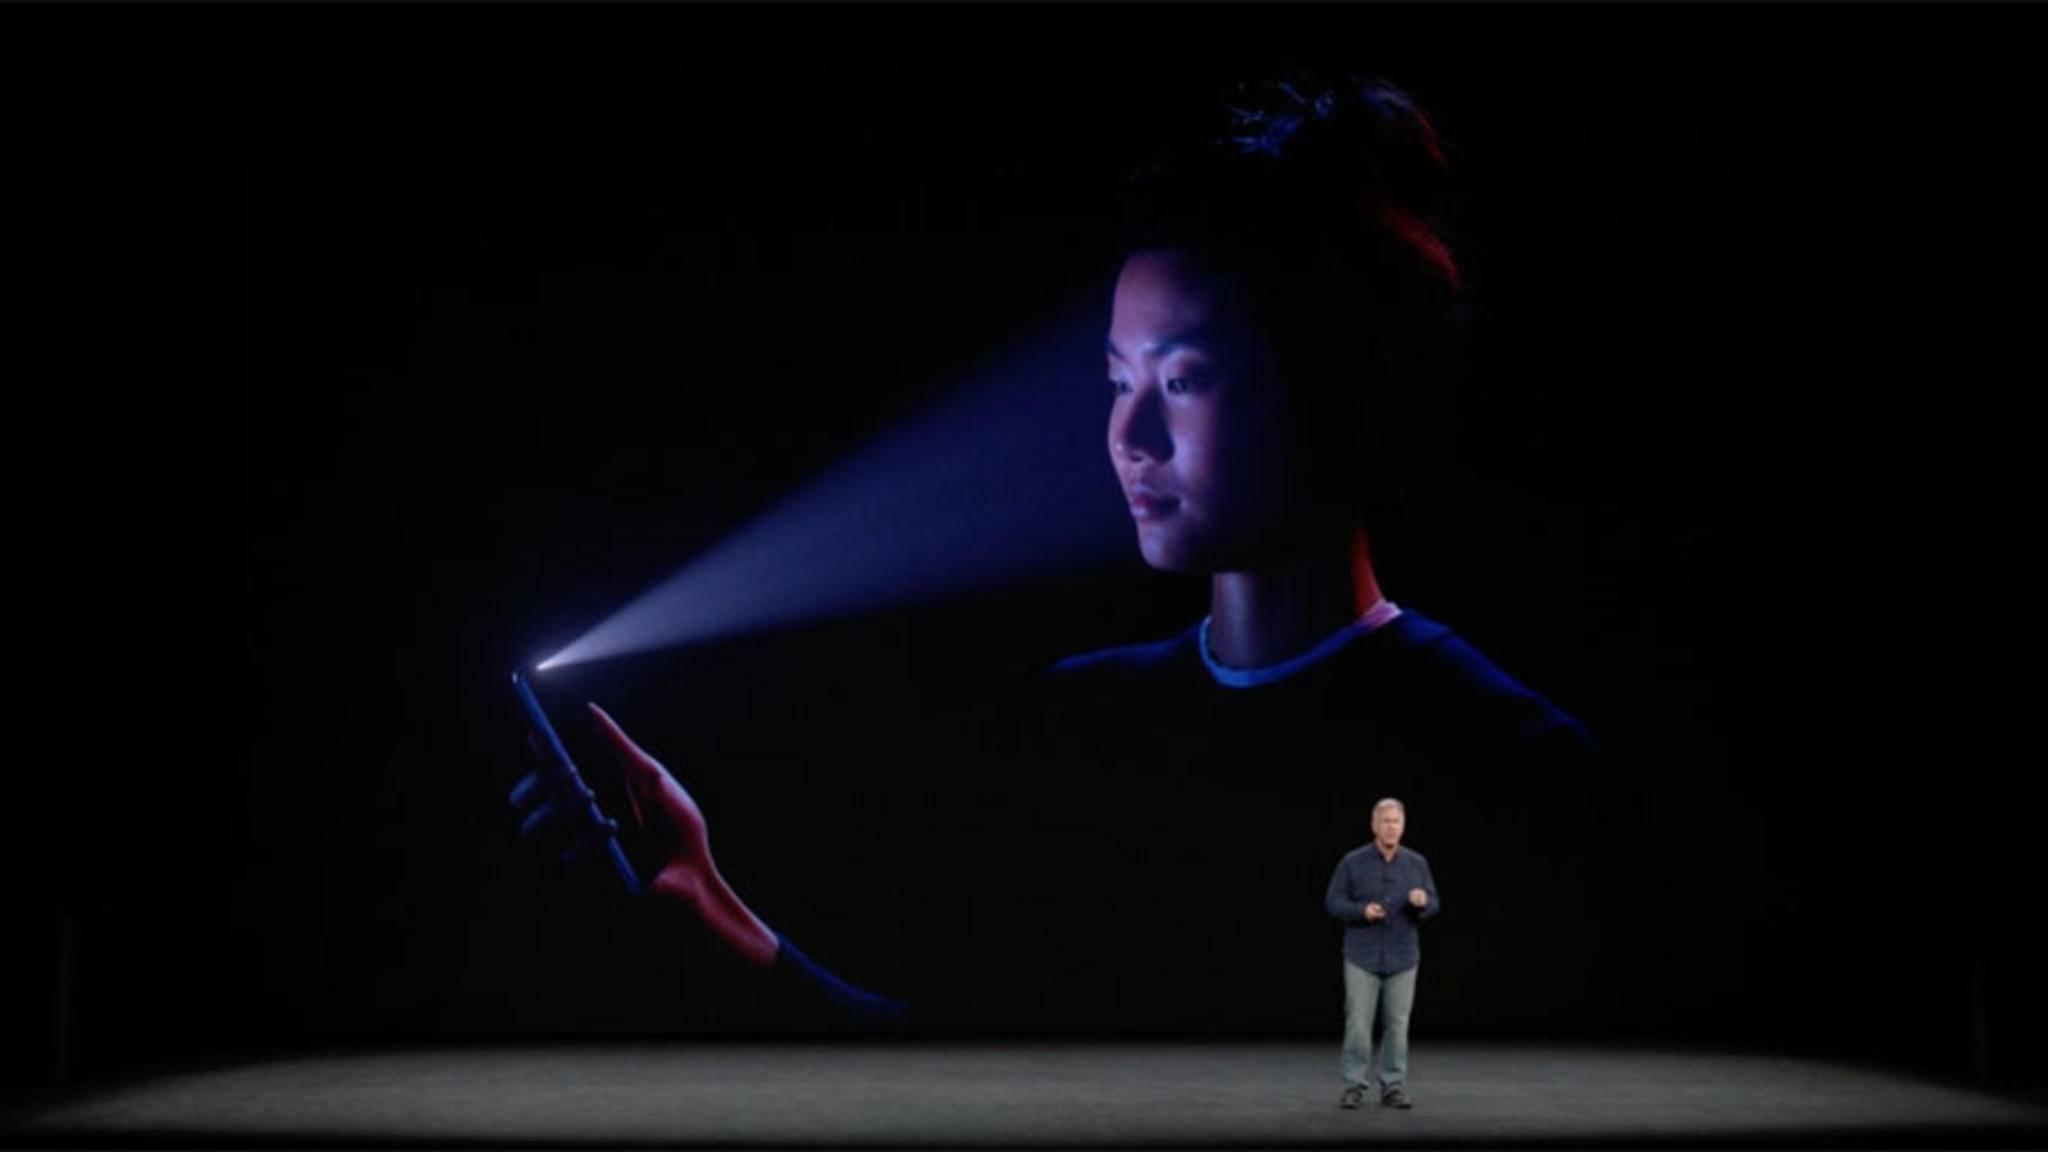 Apples Gesichtserkennung Face ID scheiterte daran, zwei Arbeitskolleginnen aus China auseinanderhalten zu können.